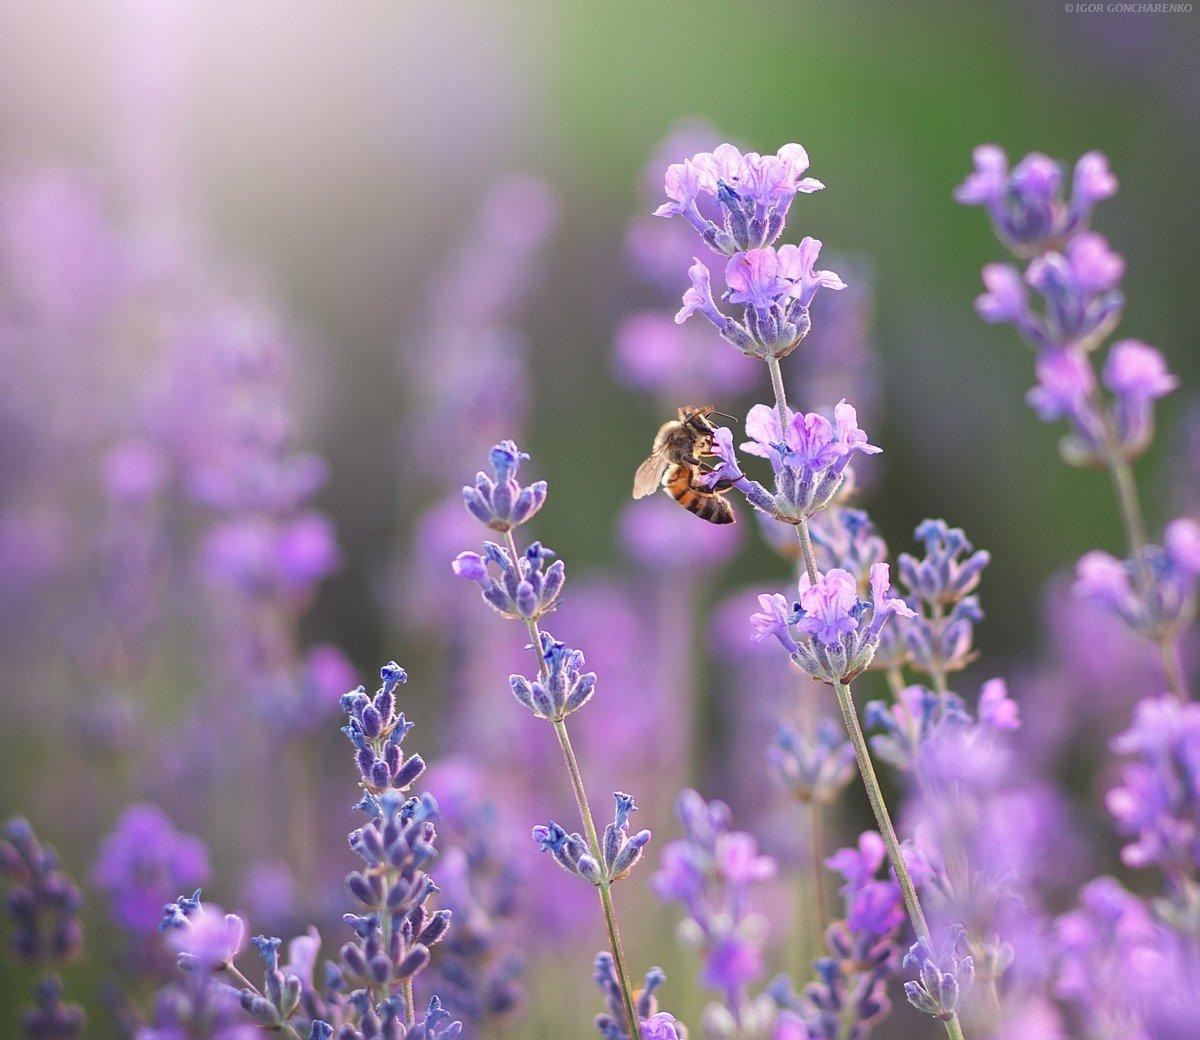 лаванда, пчела, цветок, портрет, близко, макро, пейзаж, нектар,, Игорь